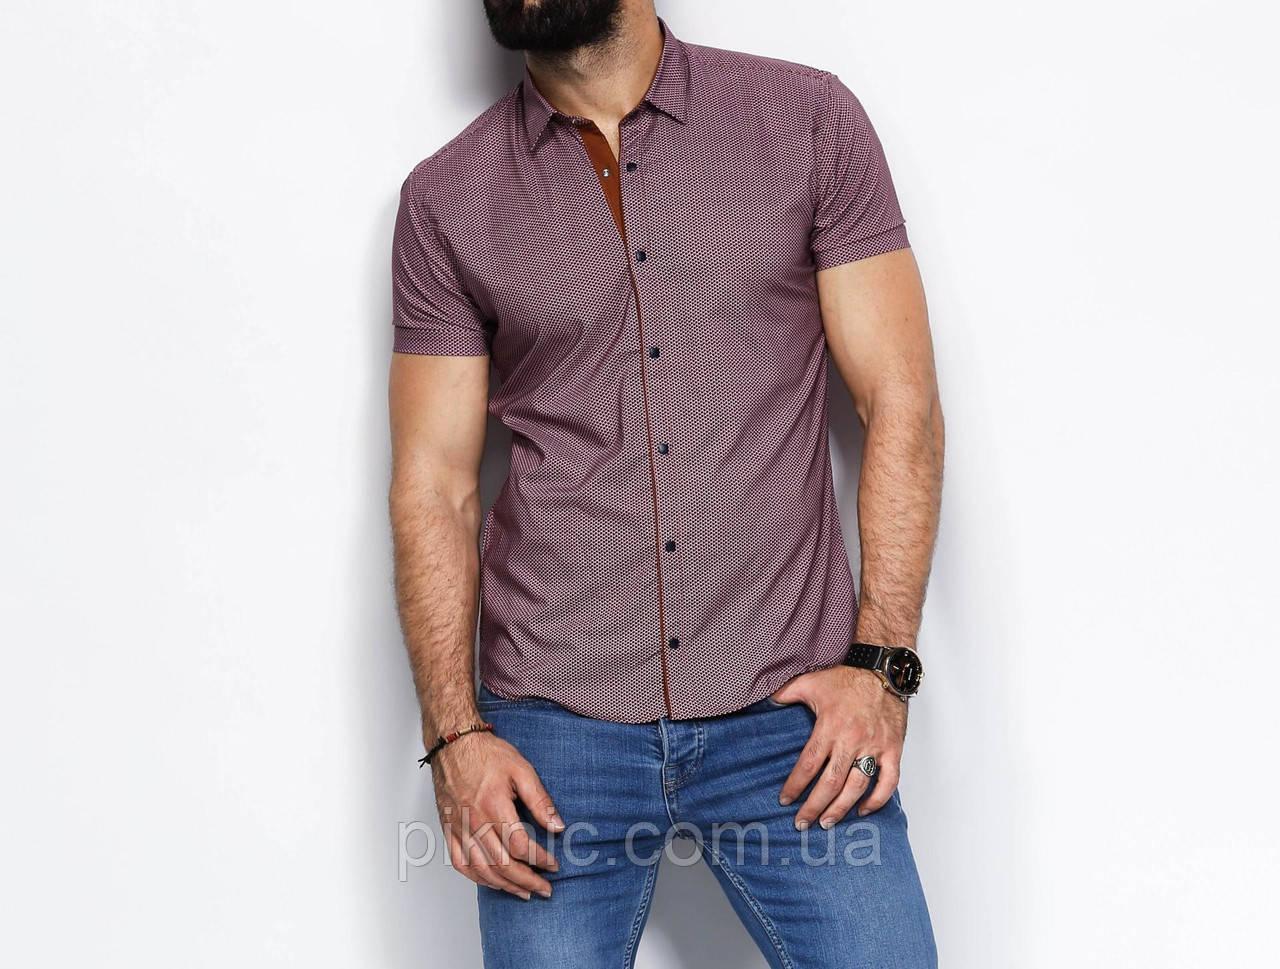 78c8673b4e1 Рубашка Мужская Приталенная